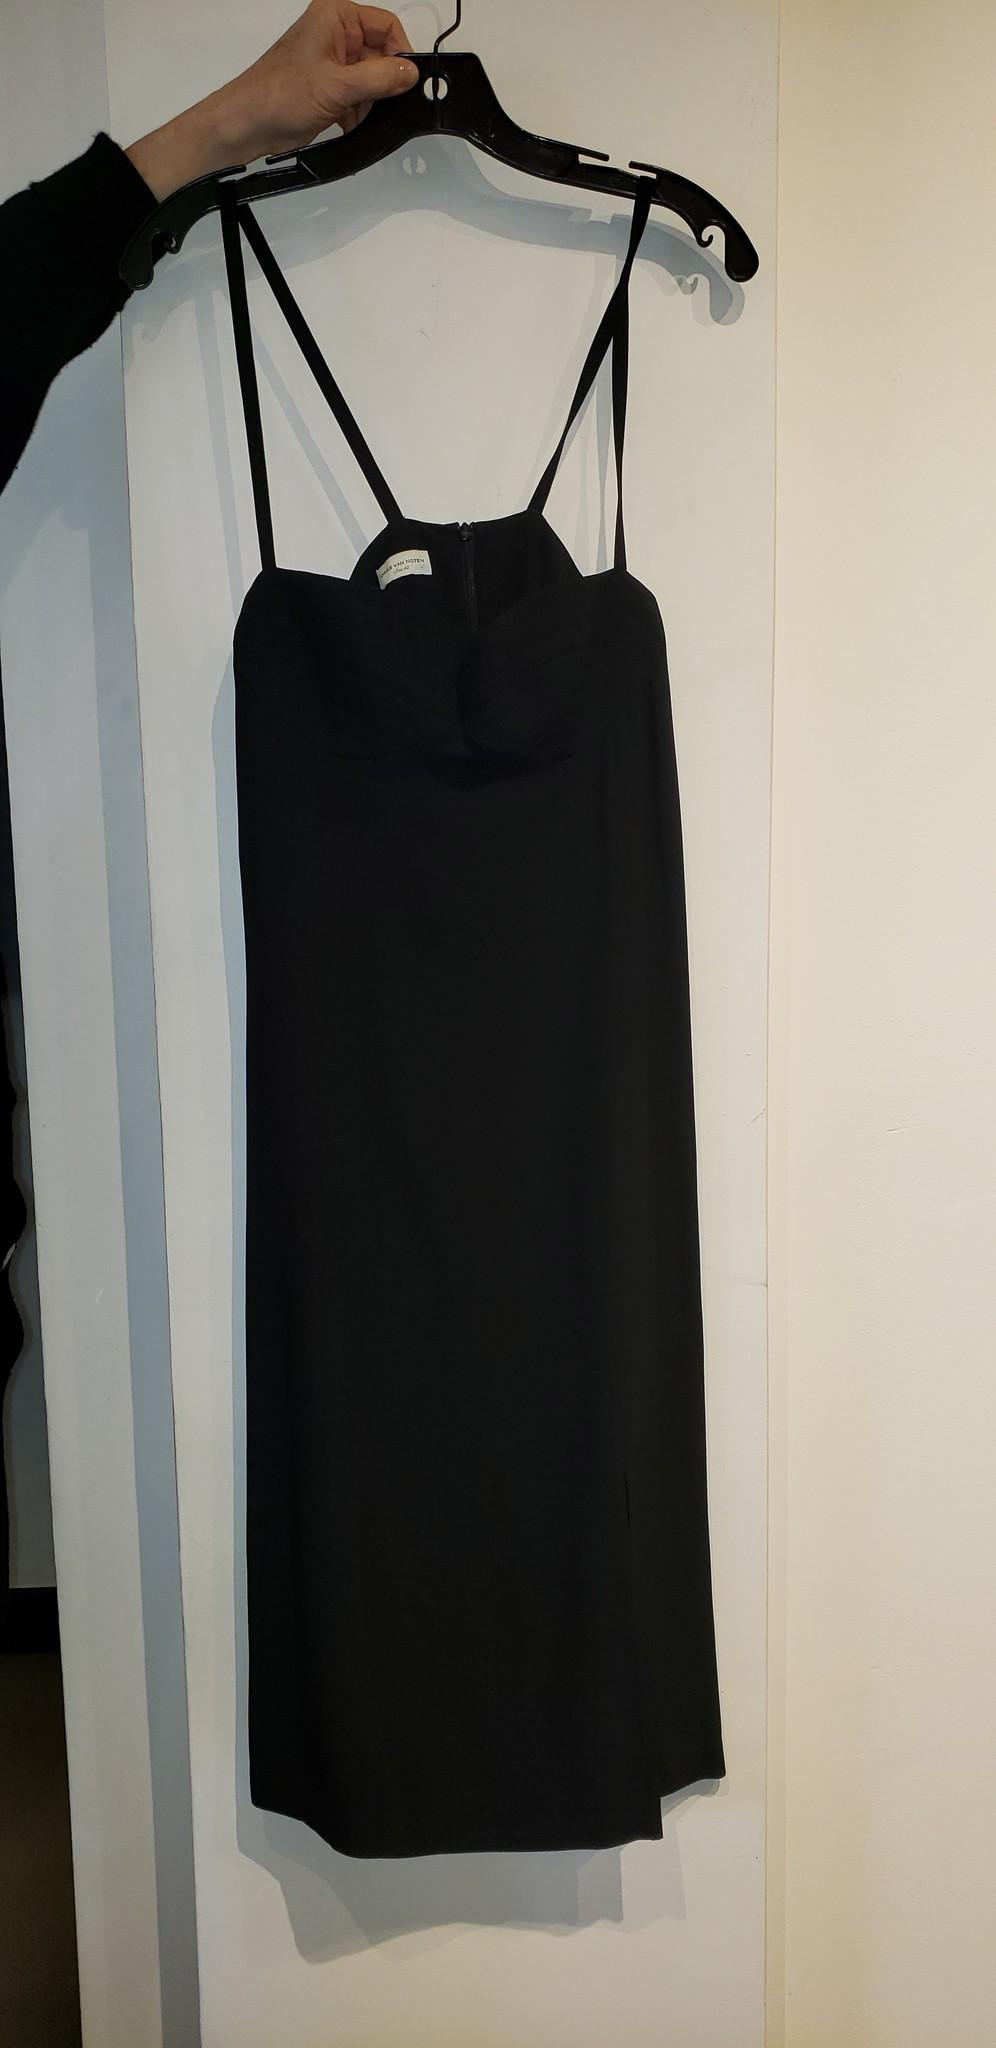 Bra Style Dress - Black - Sz. 40-1